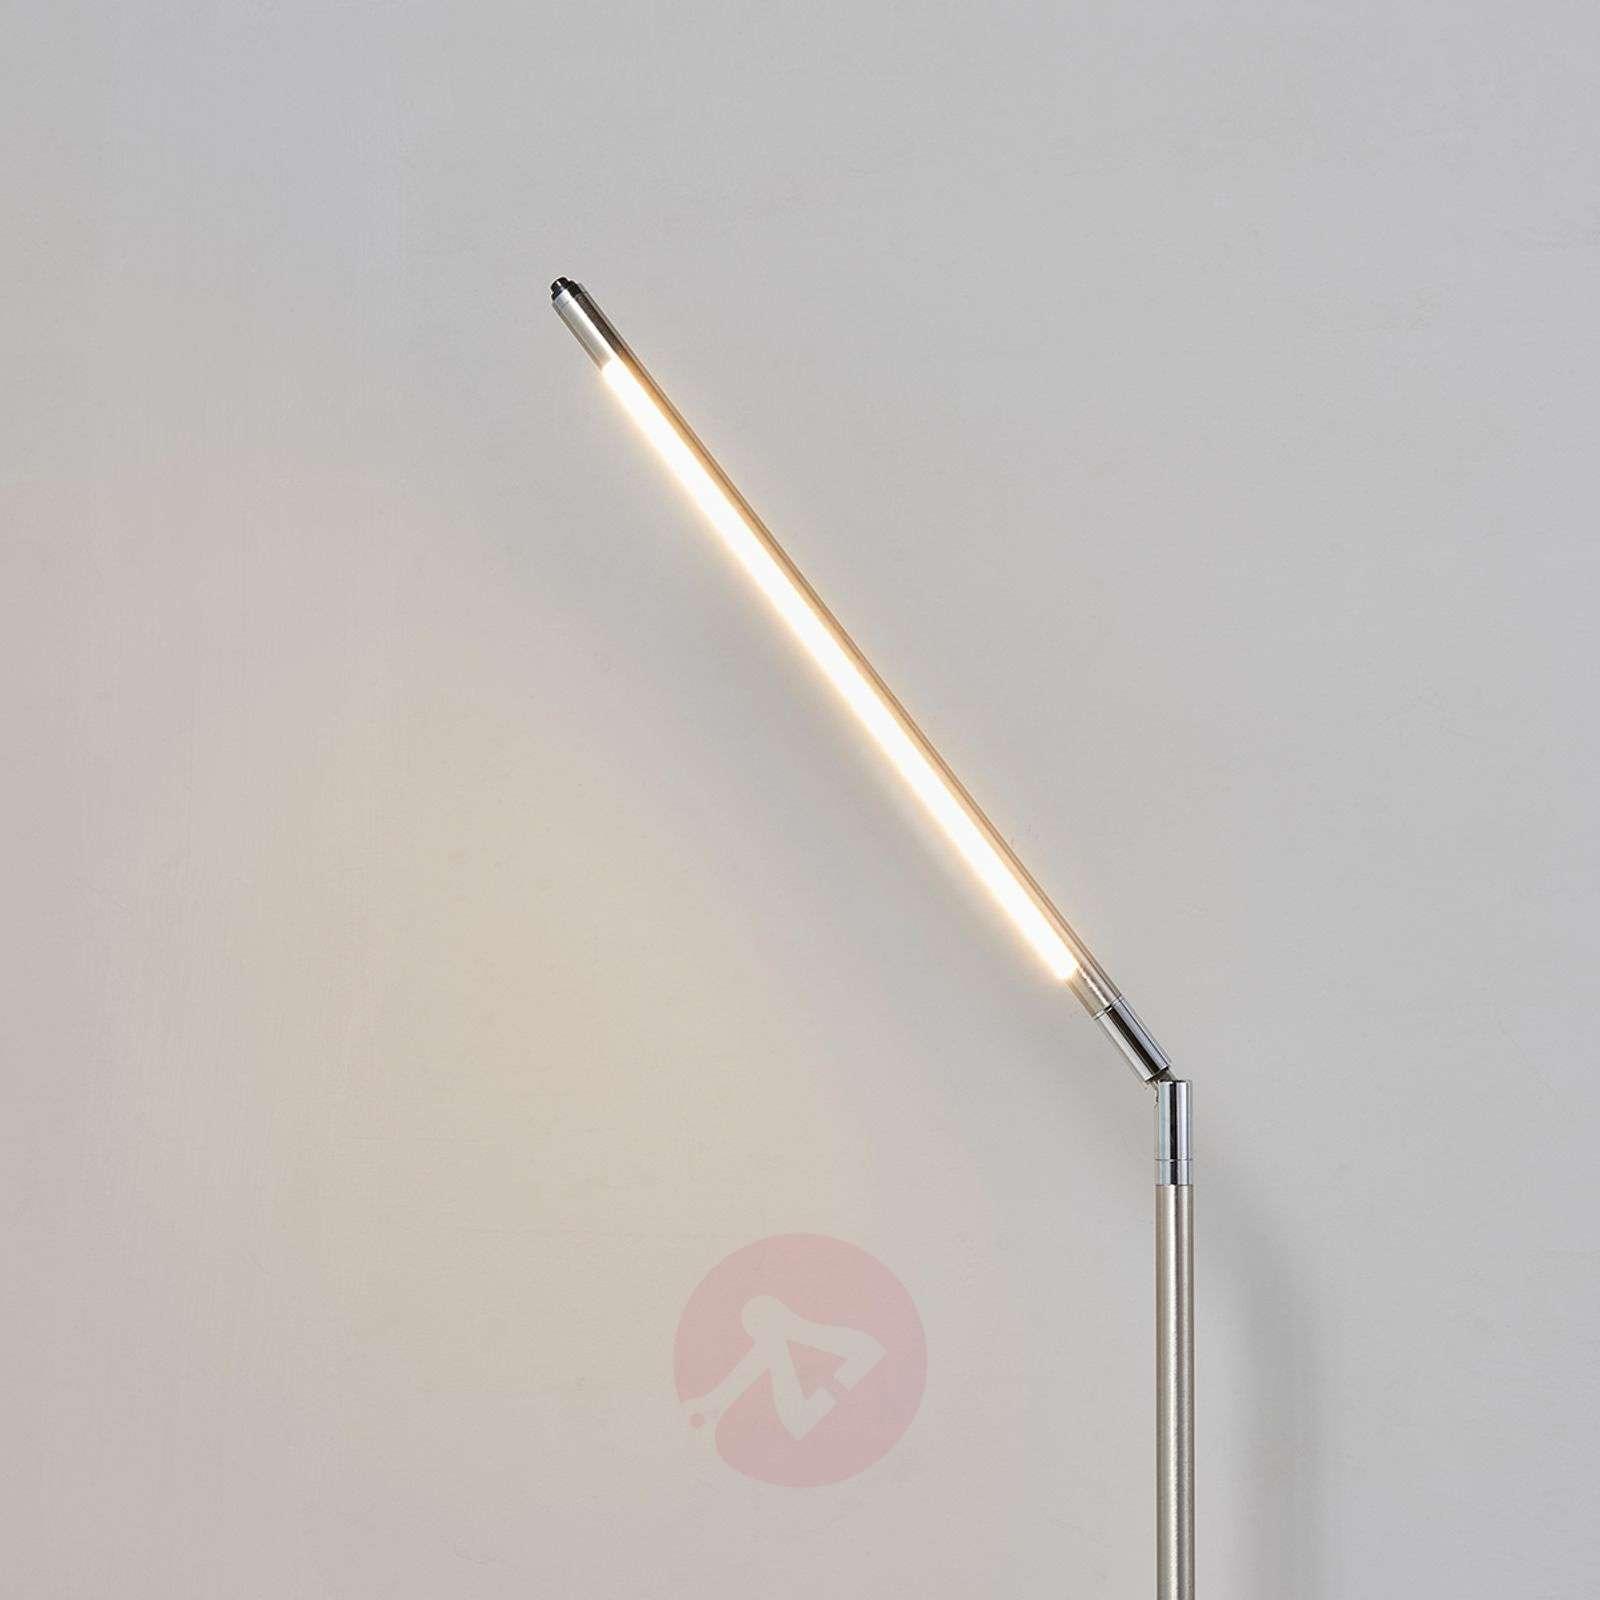 Minimalistinen LED-lattiavalaisin Jabbo, lukuvalo-9620455-010